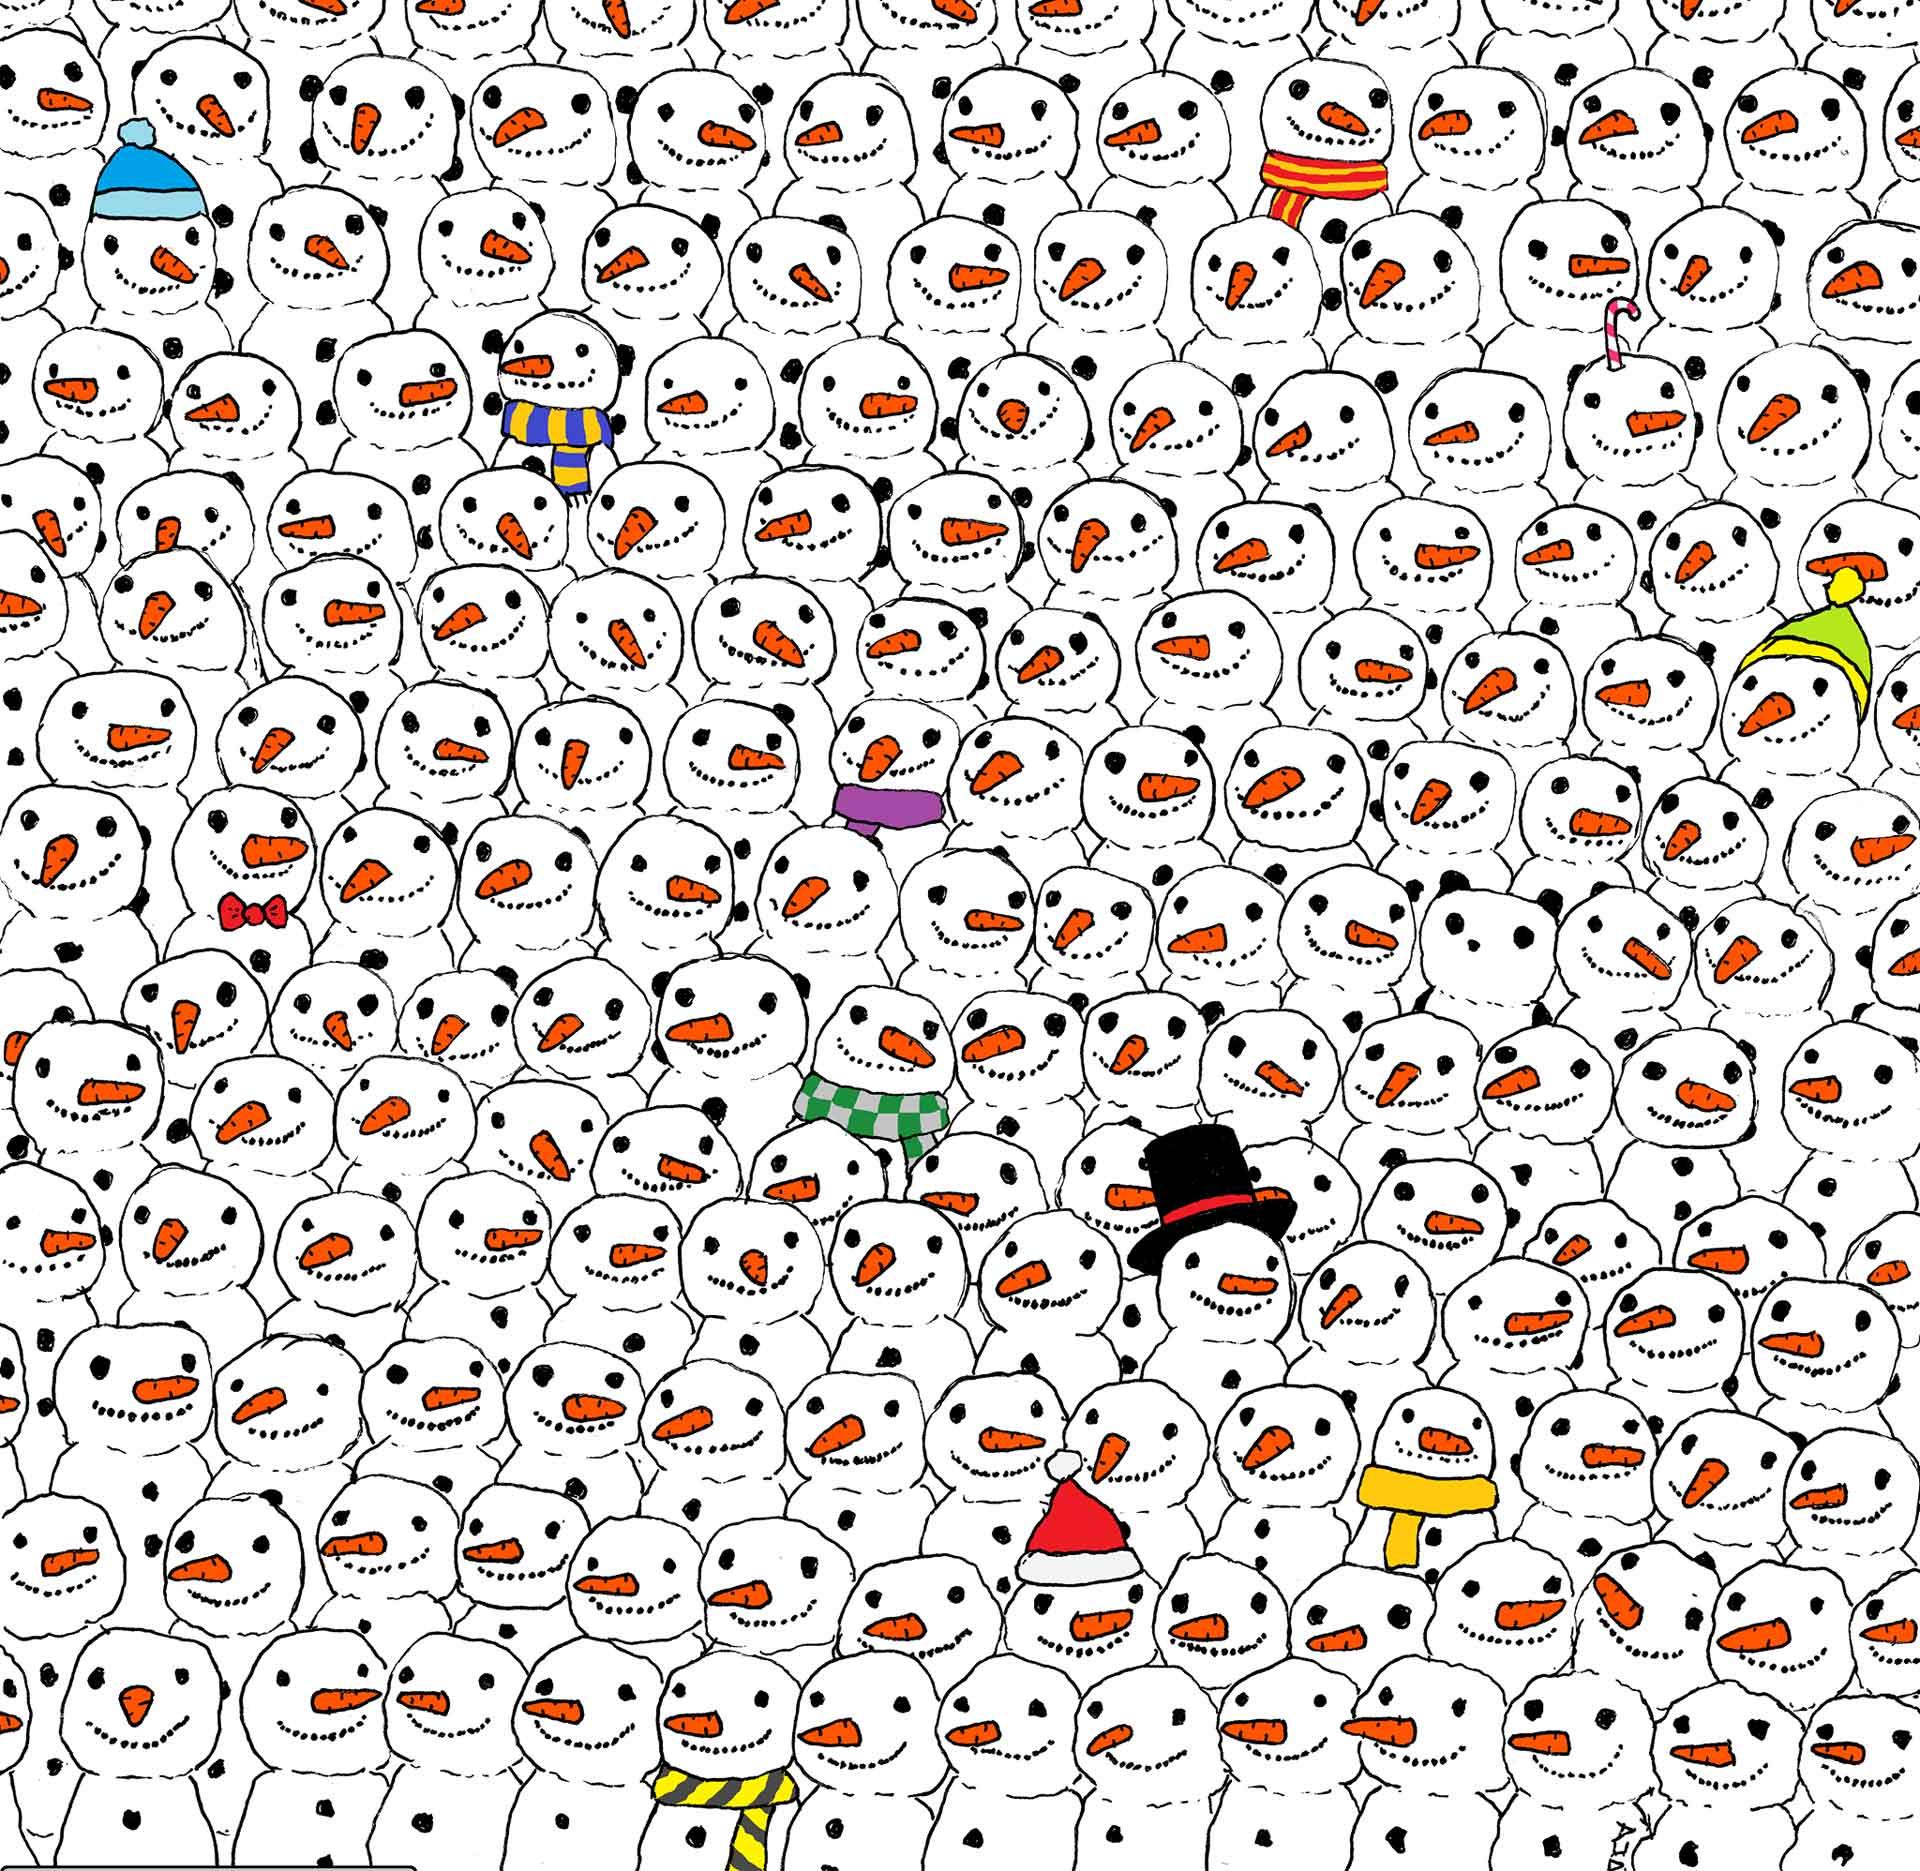 Una imagen se ha hecho viral en las redes sociales, se trata de un juego en el que tienes que encontrar entre bolas de nieve a un panda